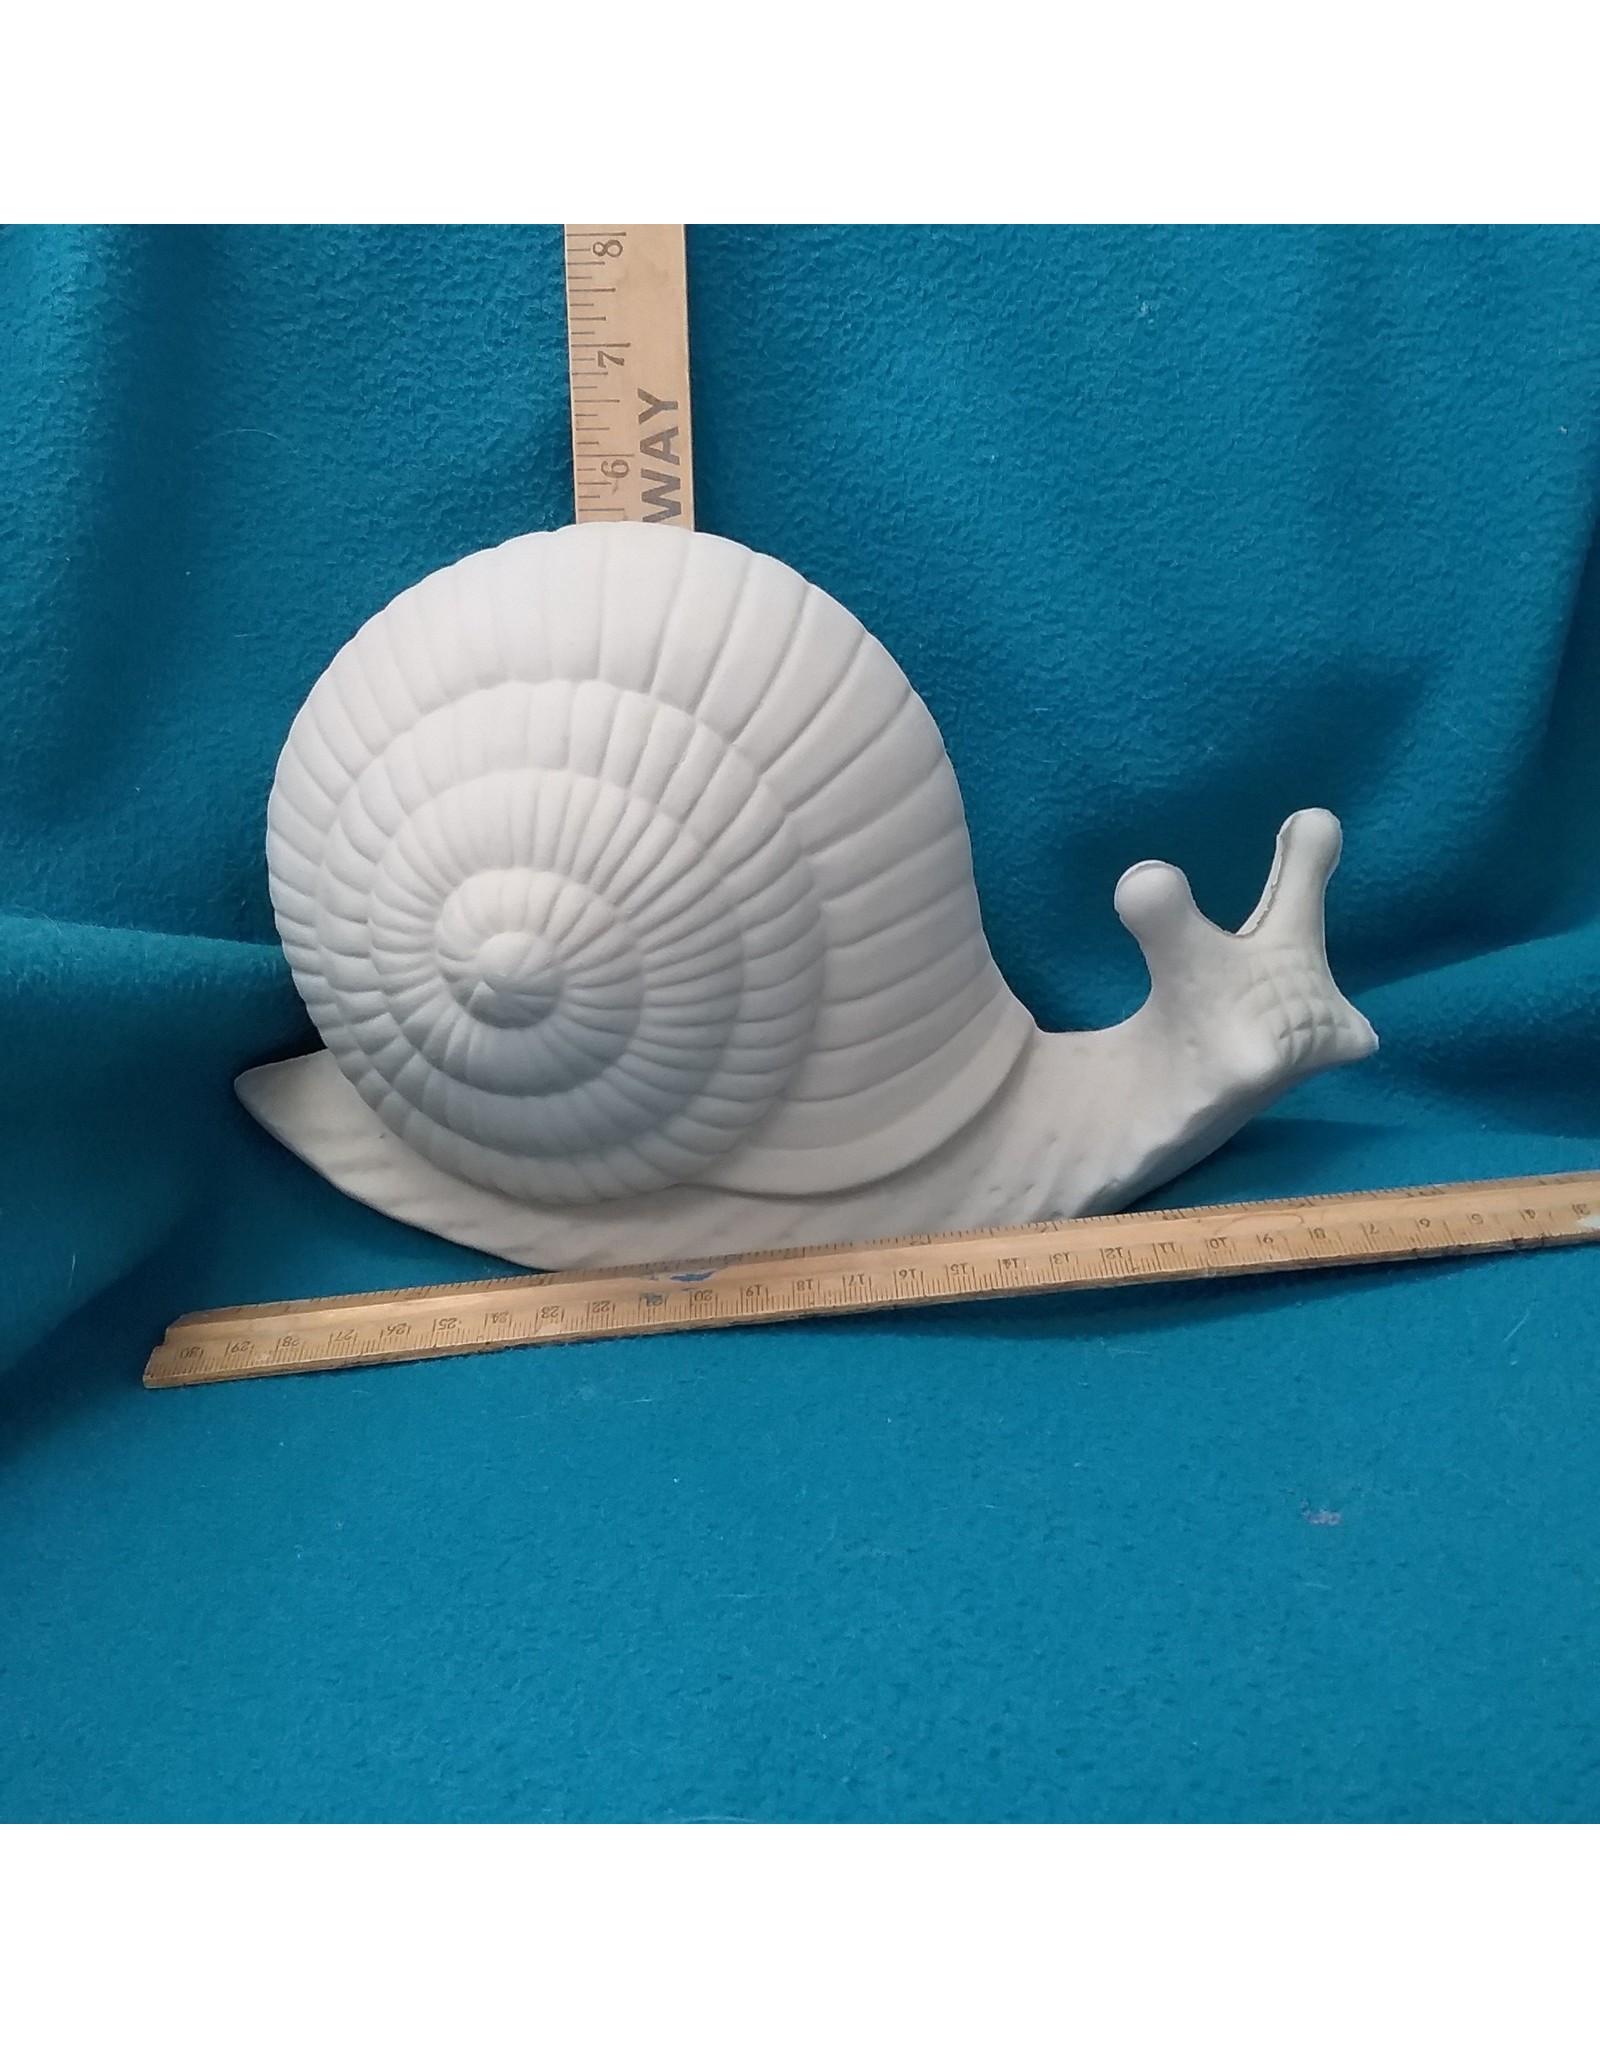 ART KIT Art Kit: Snail